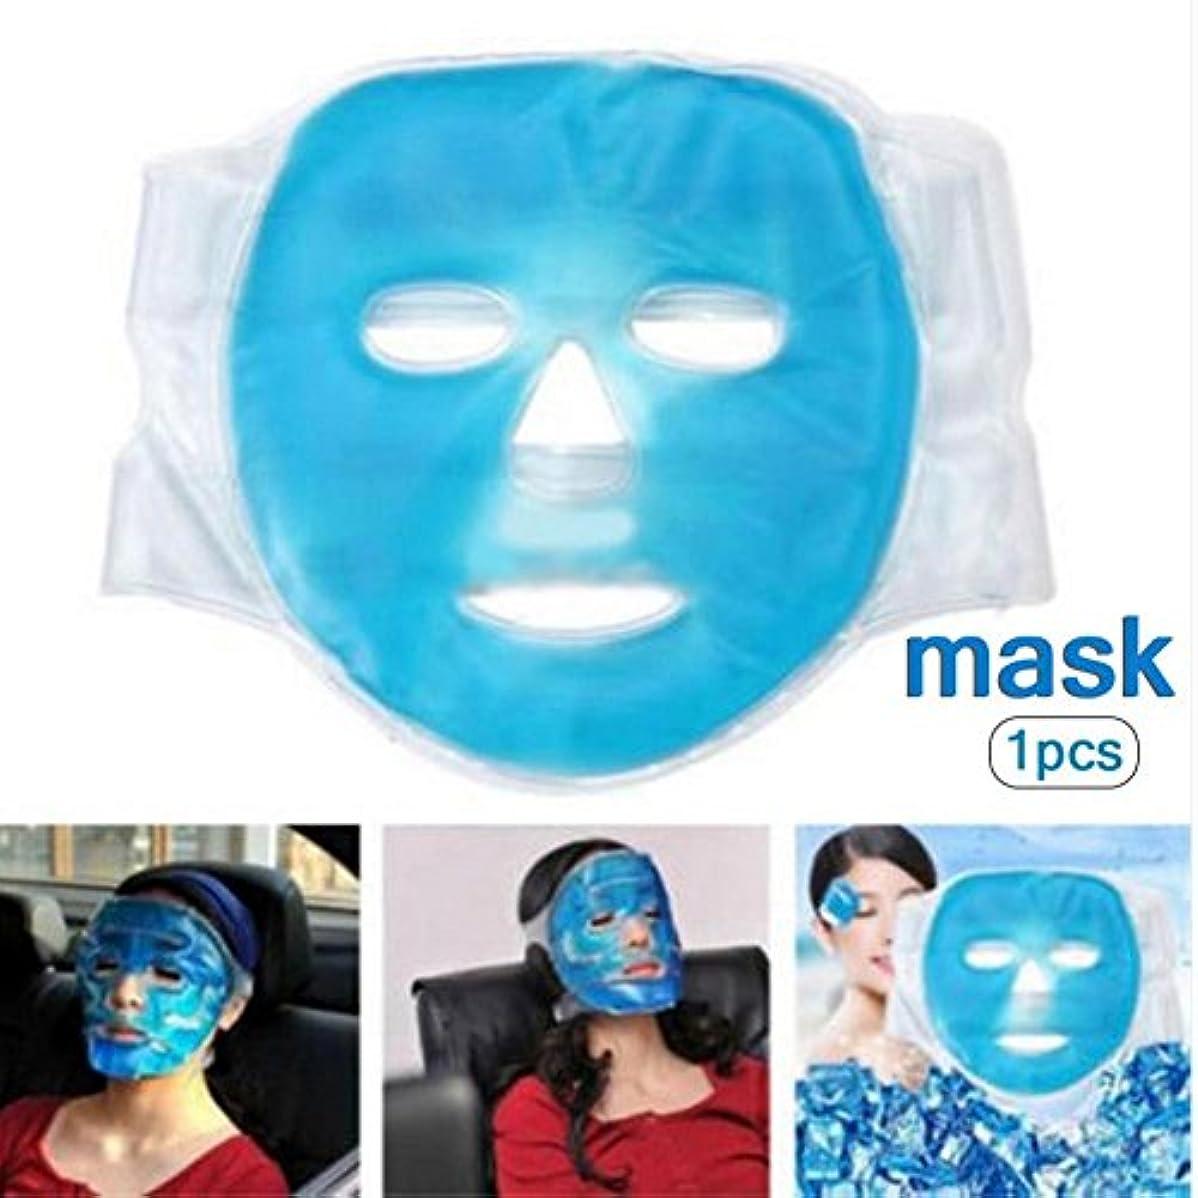 変位変位興奮SILUN フェイスマスク 冷温兼用 美容用 再利用可能 毛細血管収縮 肌ケア 保湿 吸収しやすい 美容マッサージ アイスマスク